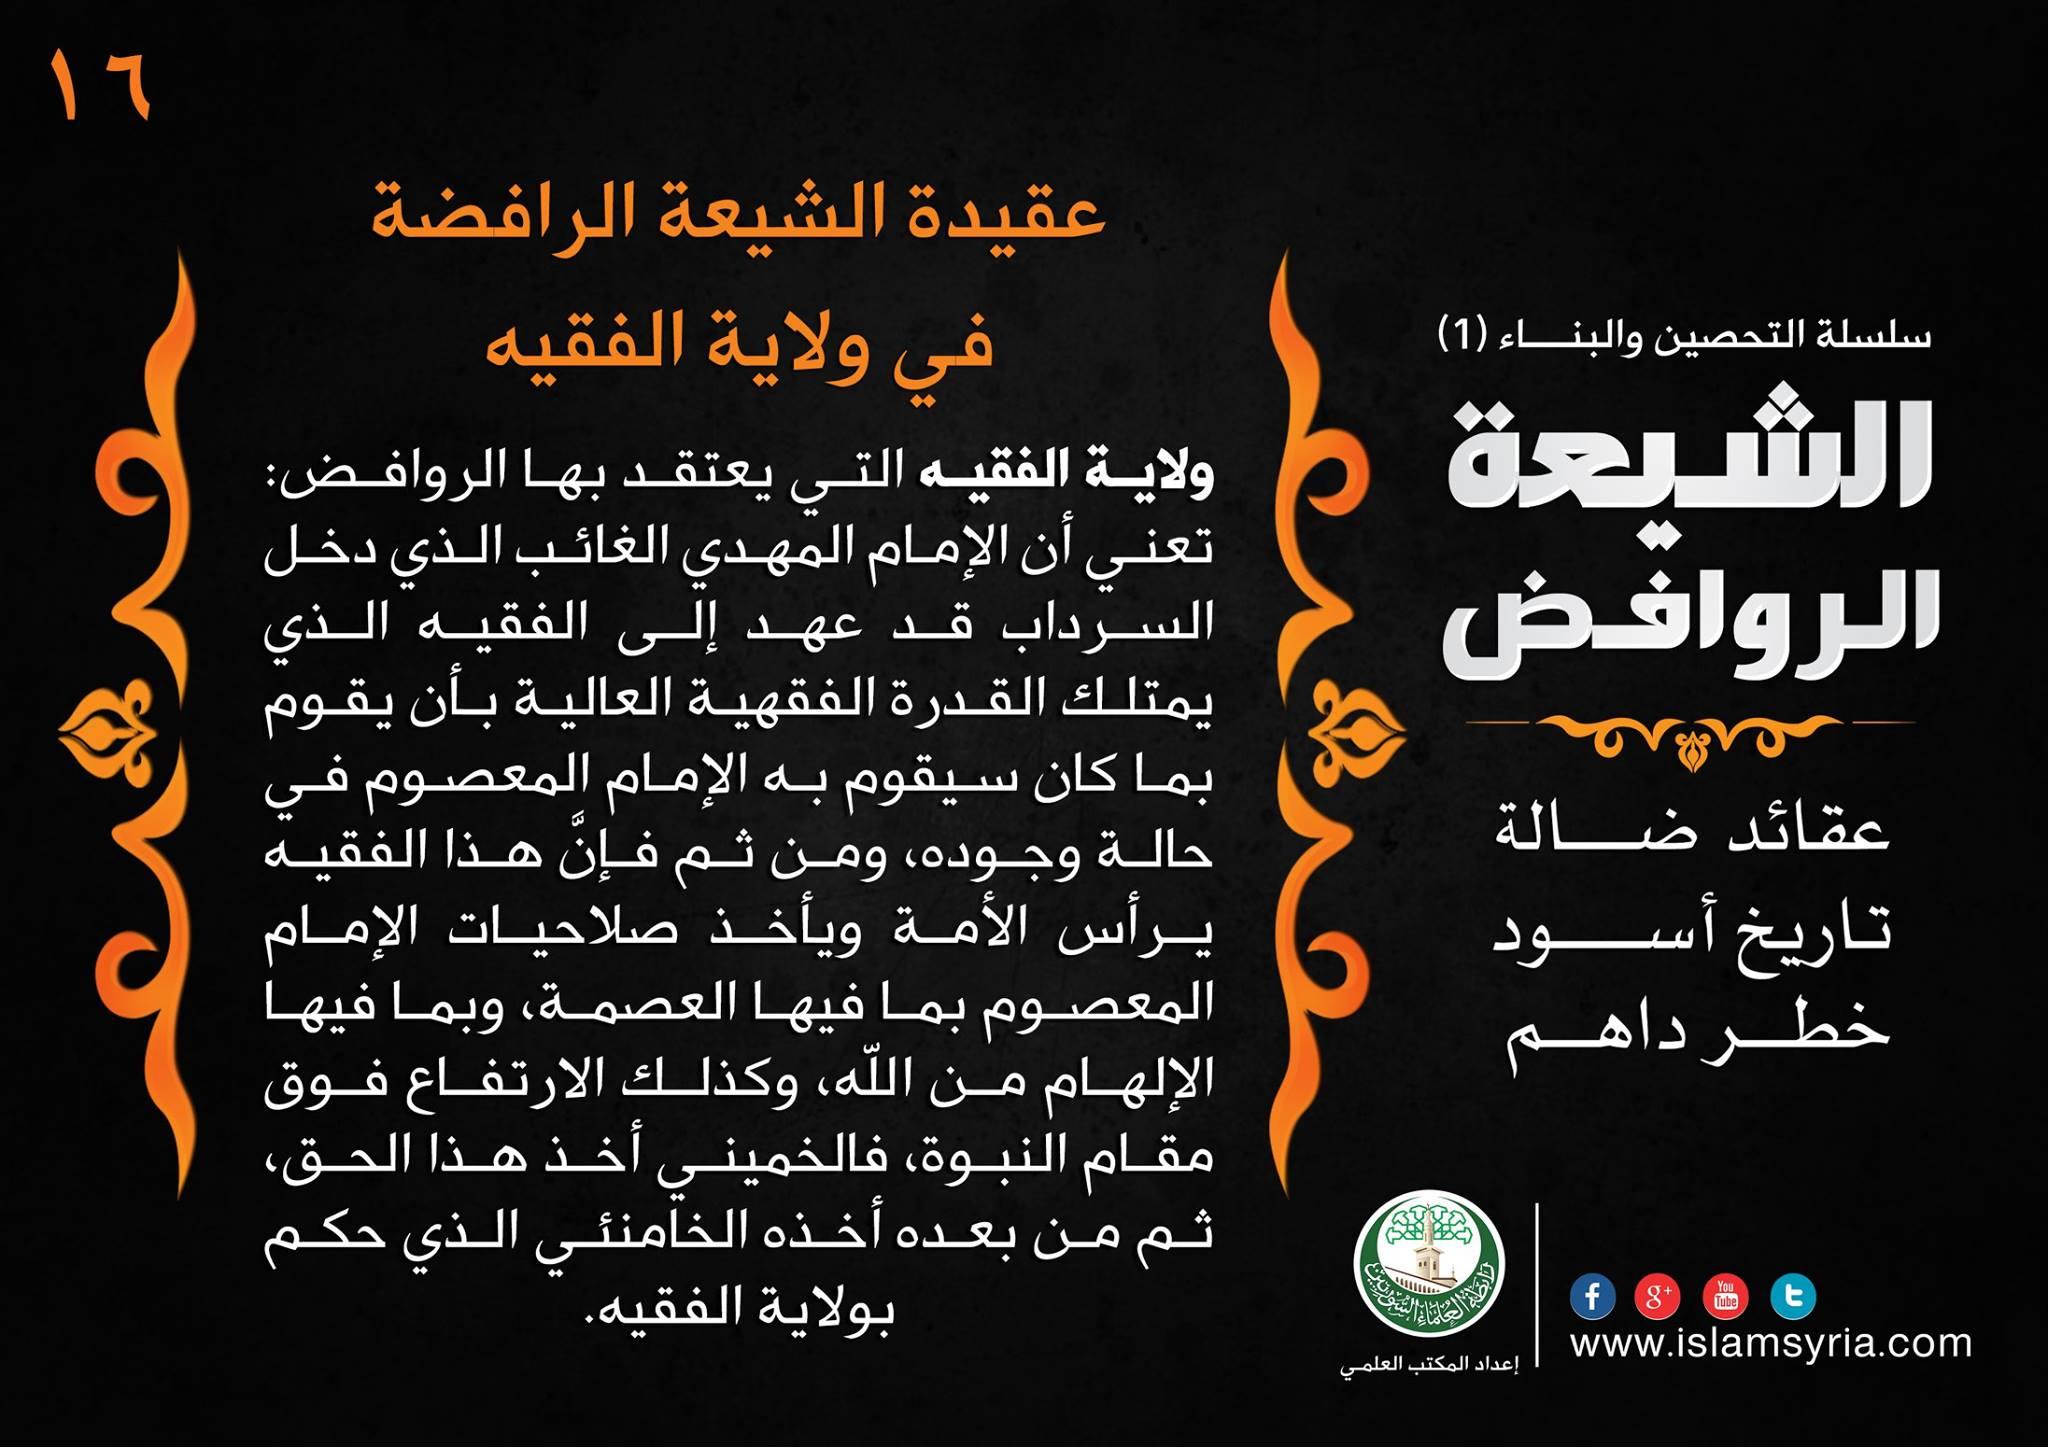 سلسلة التحصين والبناء -16- الشيعة الروافض